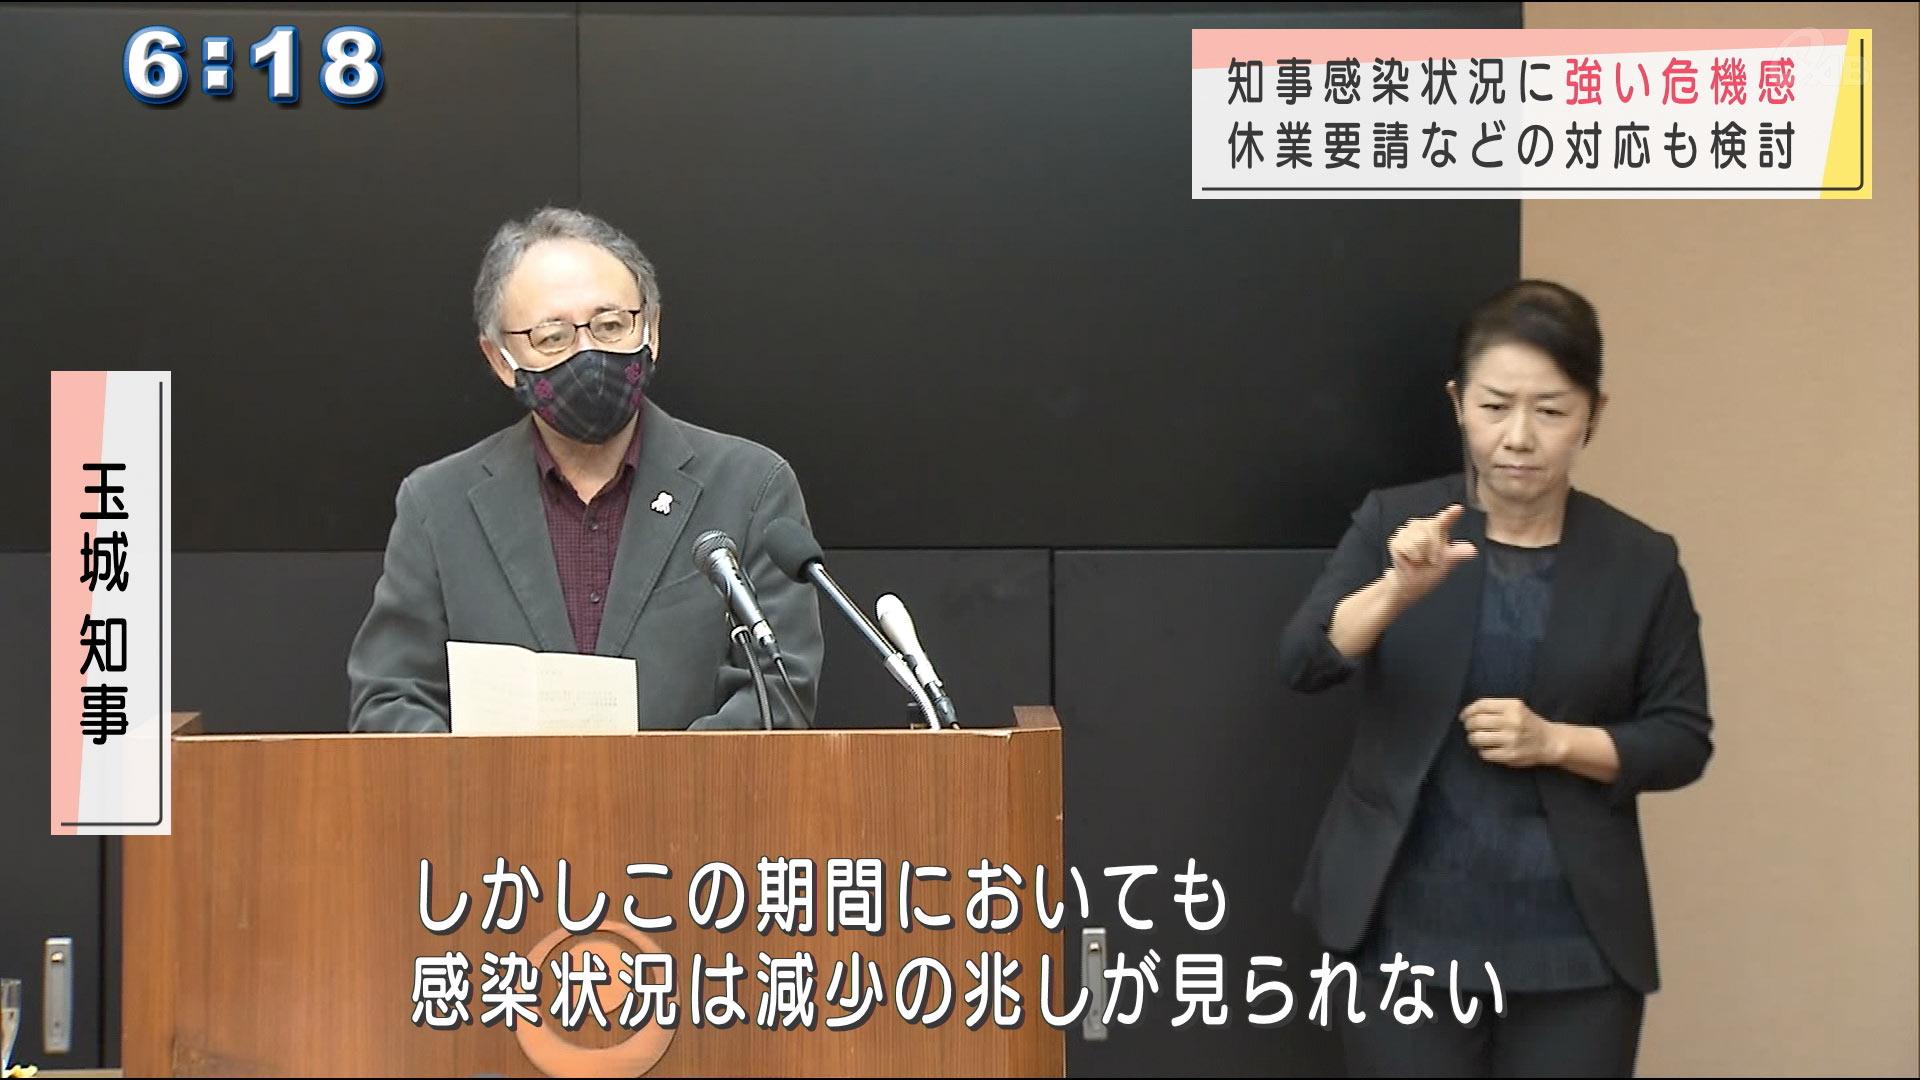 玉城沖縄県知事「感染状況は減少の兆し見られない」